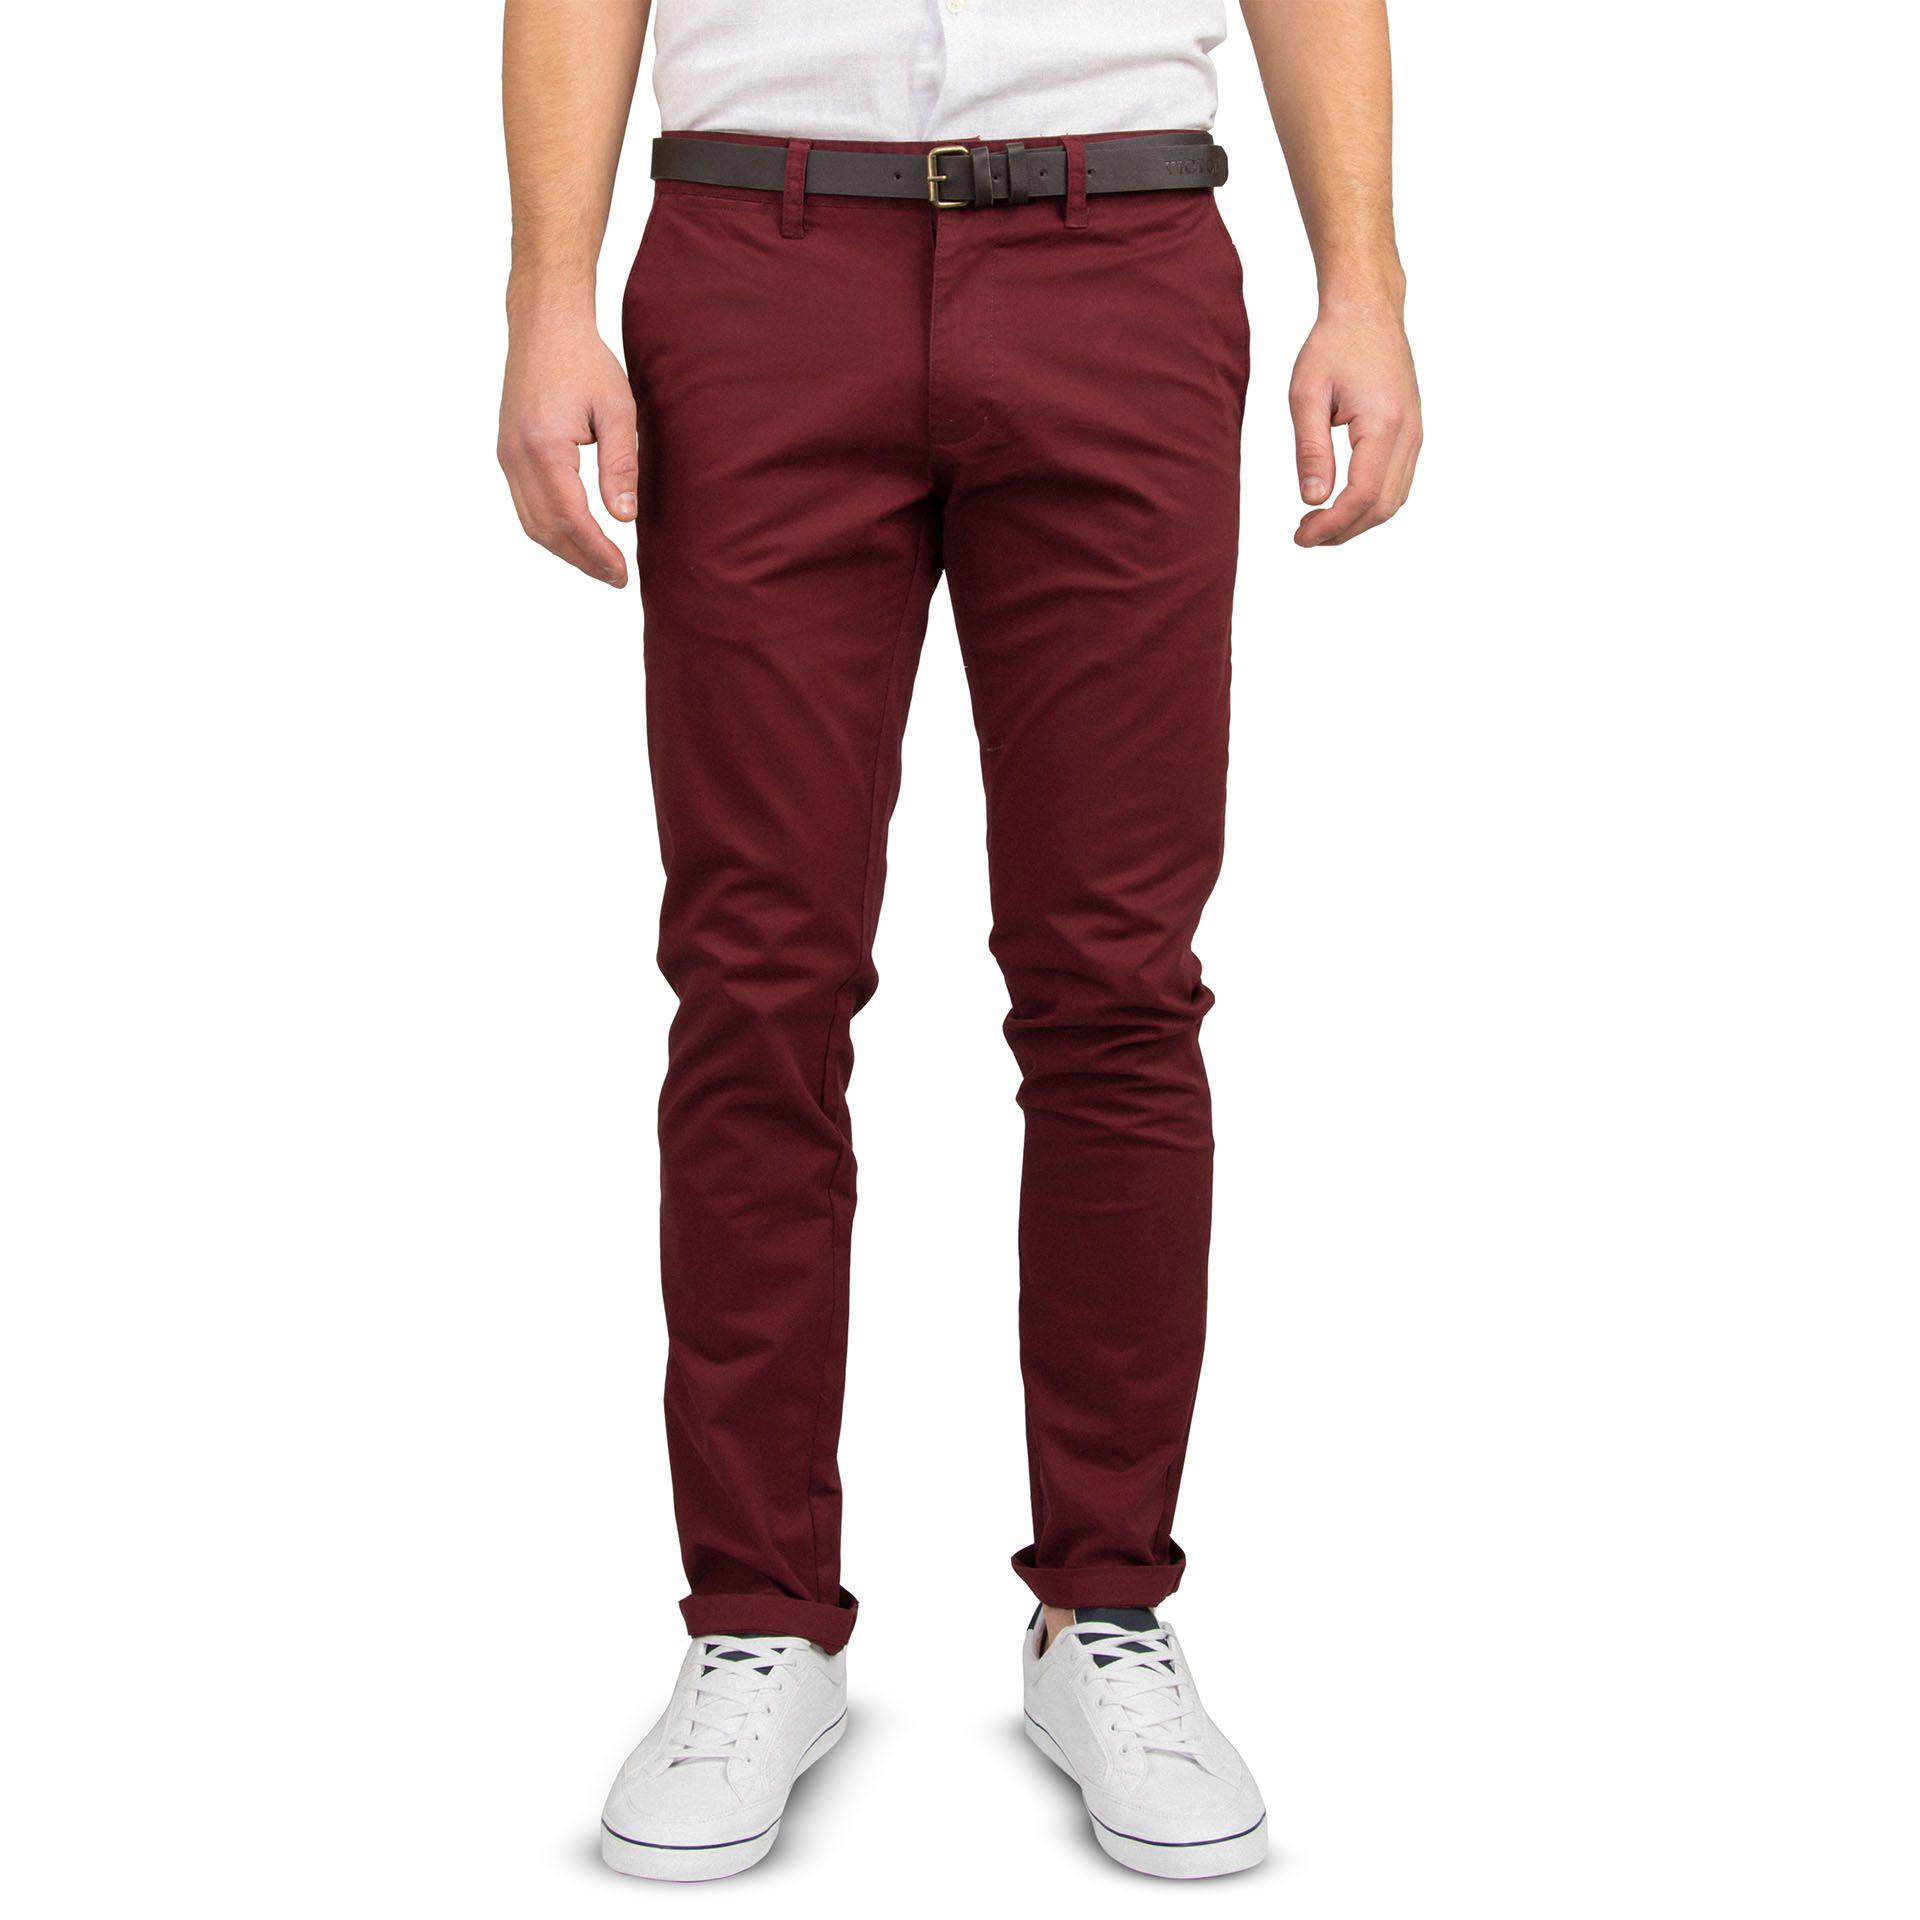 Ανδρικό παντελόνι Slim fit VICTORY MISHA χρώμα CHERRY.